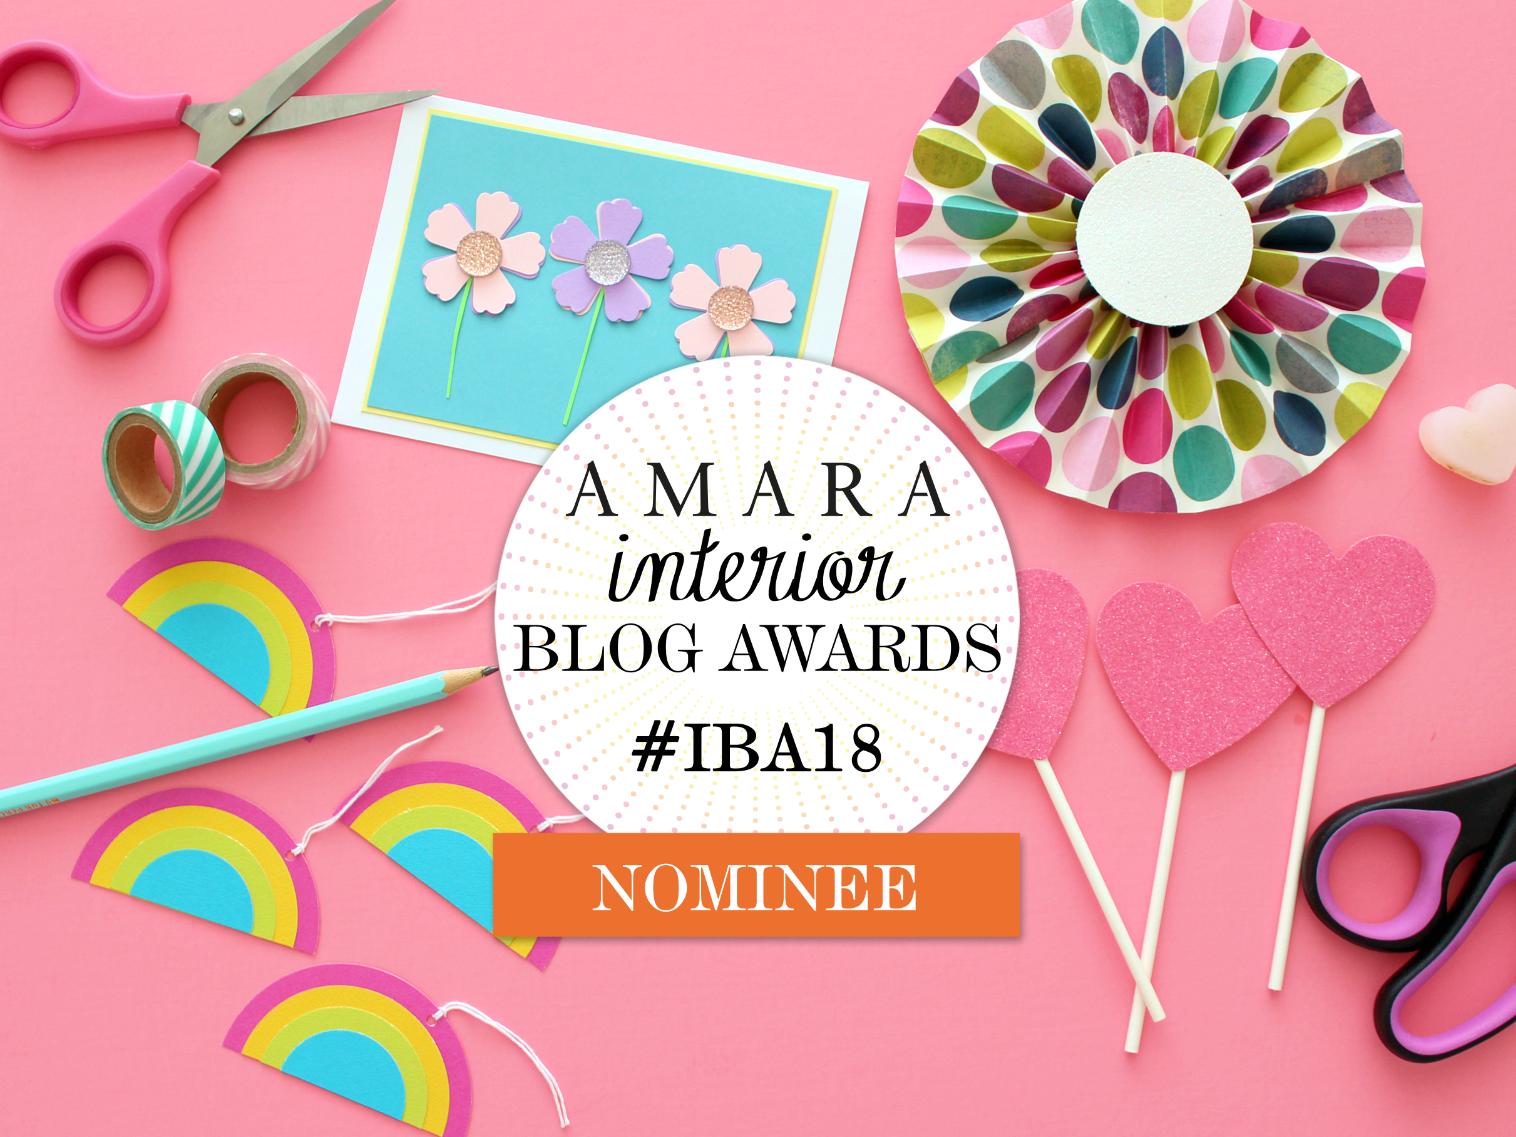 VOTE WHITE HOUSE CRAFTS FOR BEST CRAFT BLOG! (AMARA INTERIOR BLOG AWARDS #IBA18)